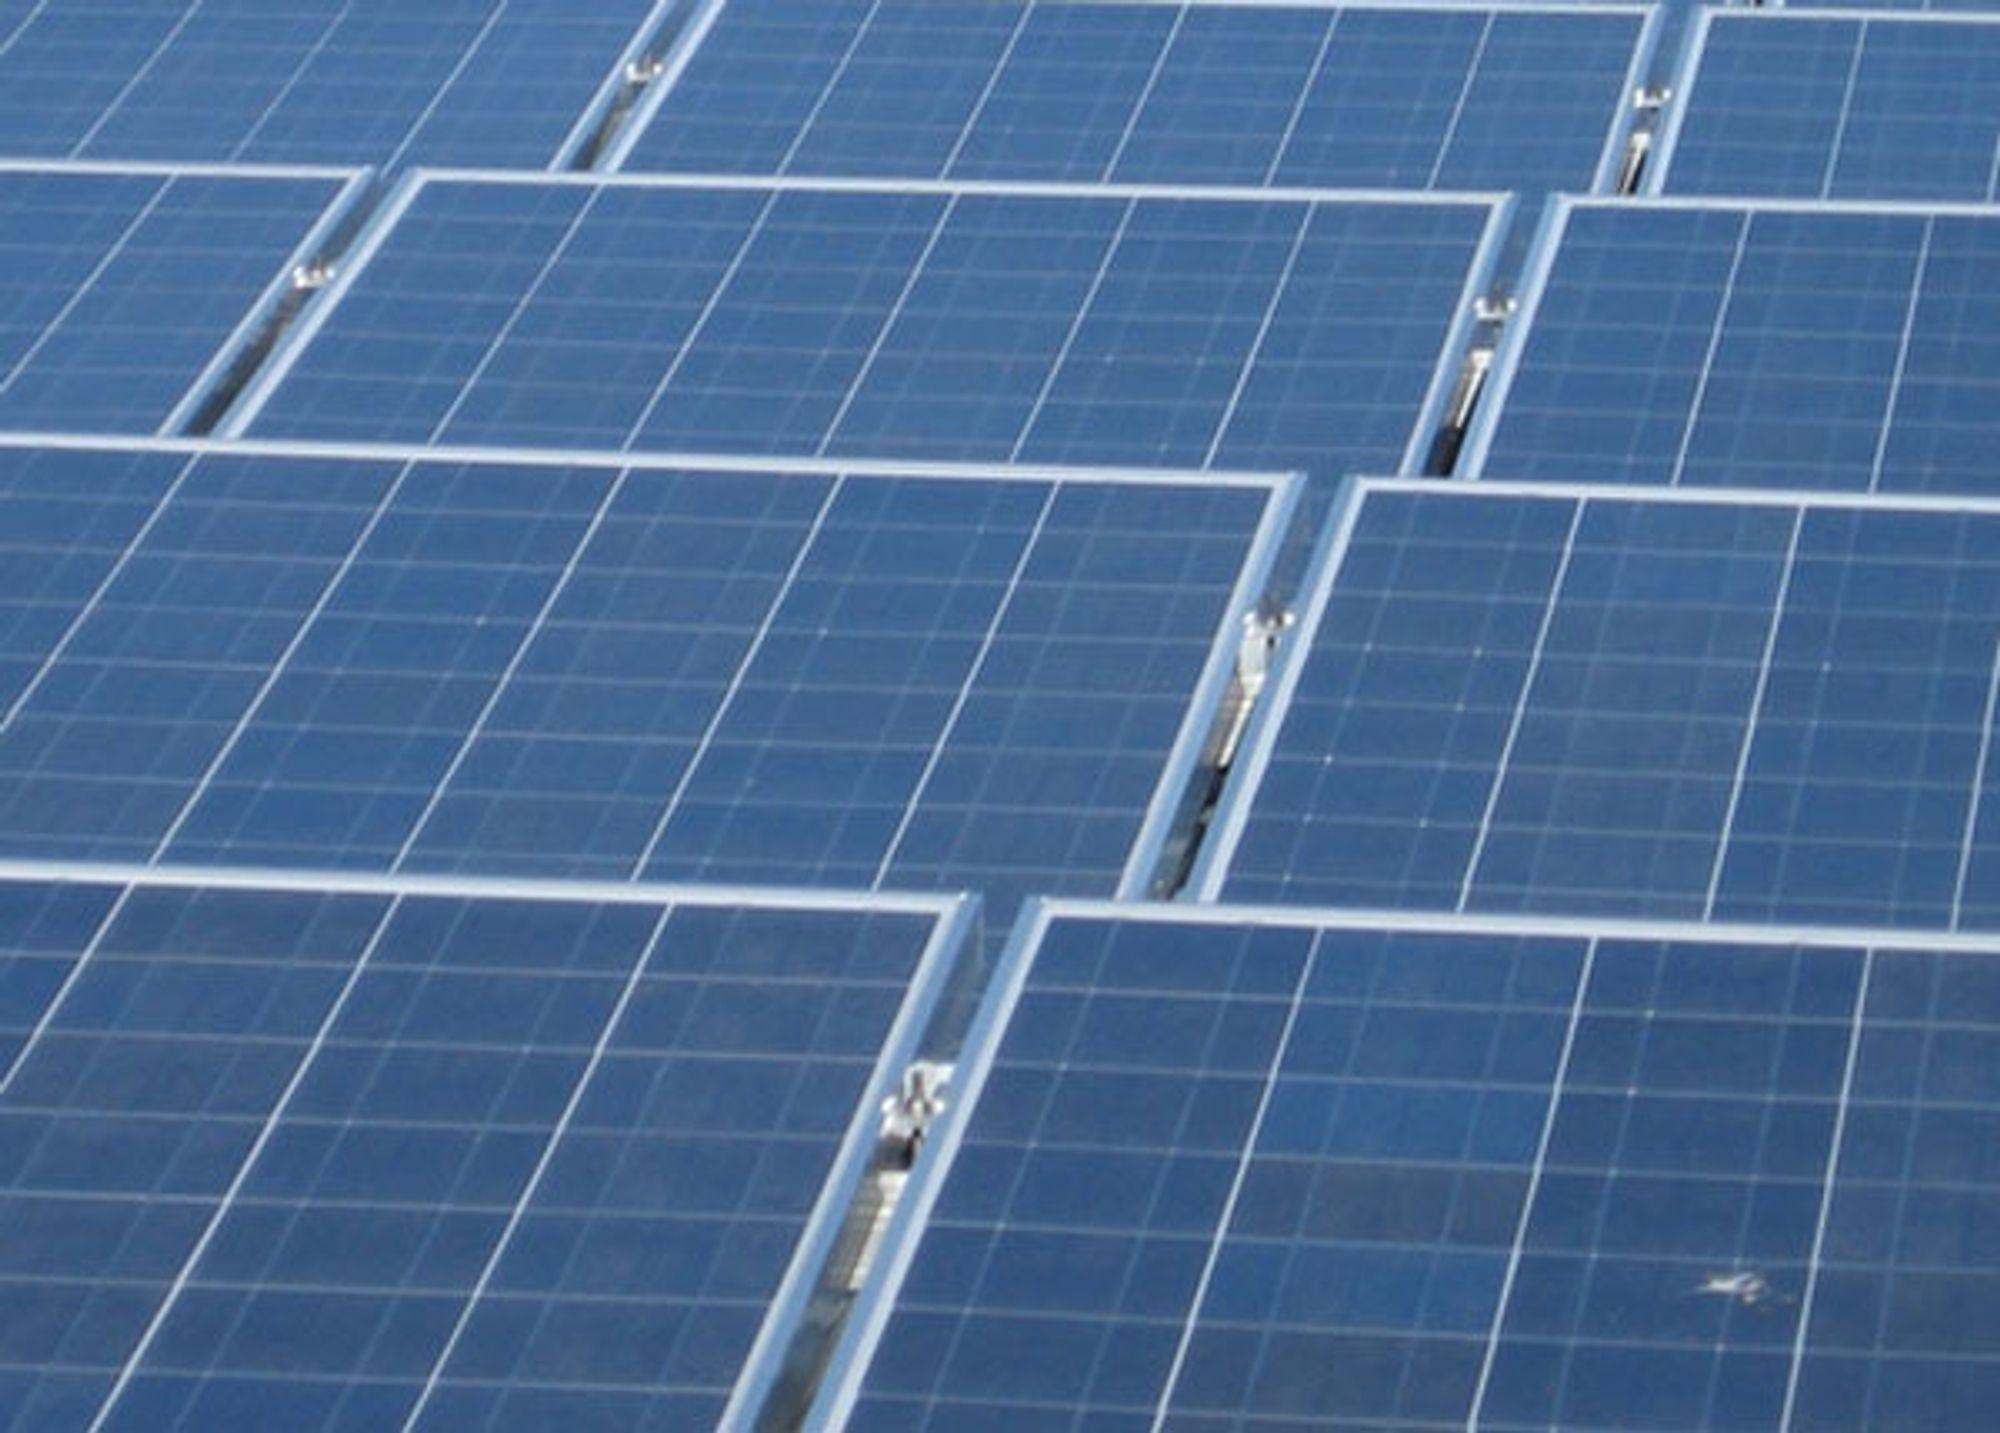 Snart er de nye typene solceller klare. Virkningsgraden er kraftig forbedret.